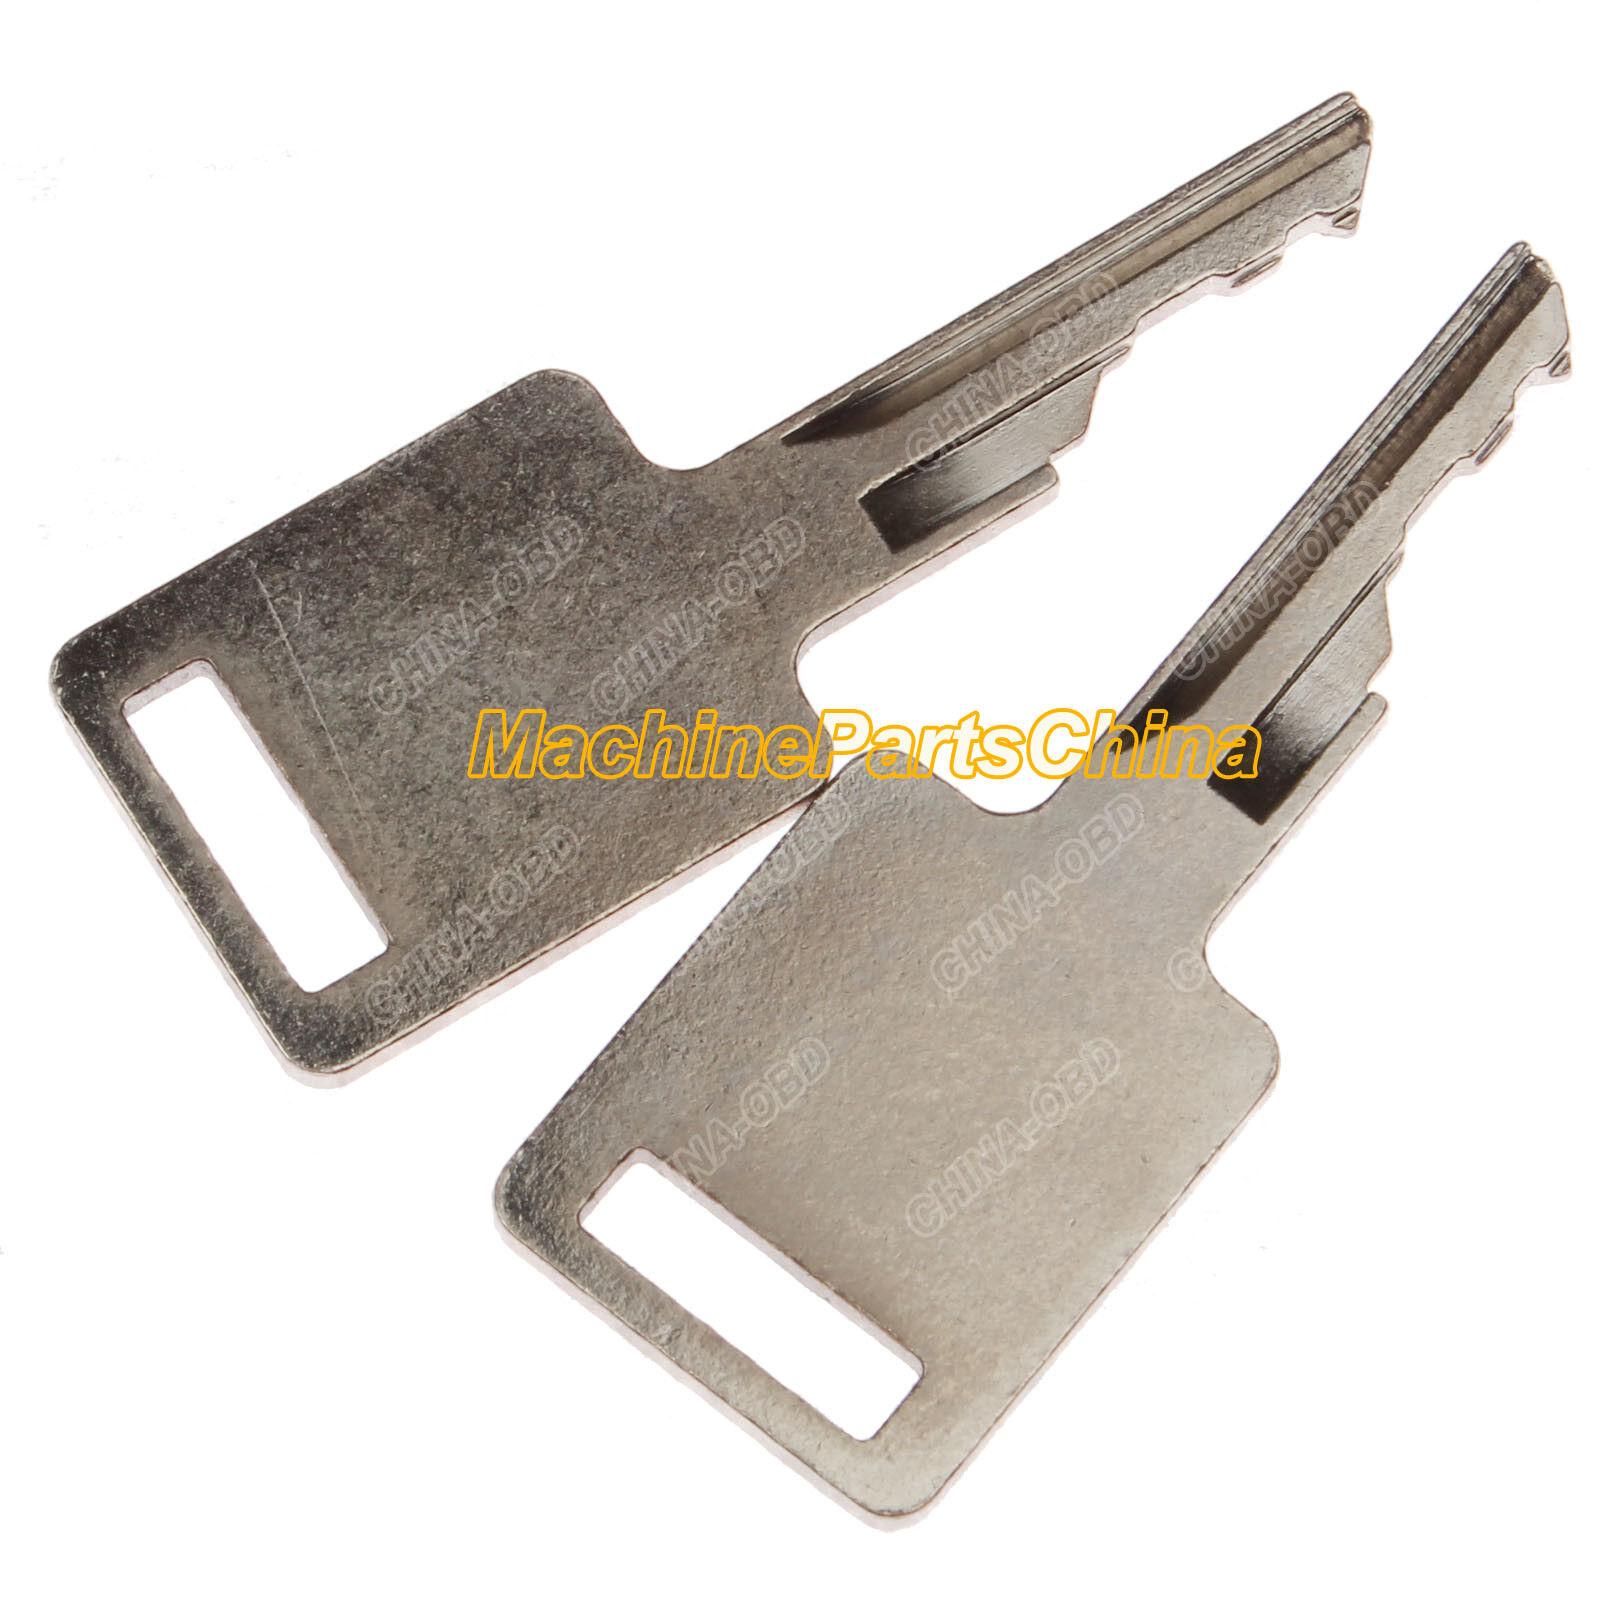 Bobcat Ignition Key for models S100 S130 S150 S160 S175 S185 S205 Skid Steer